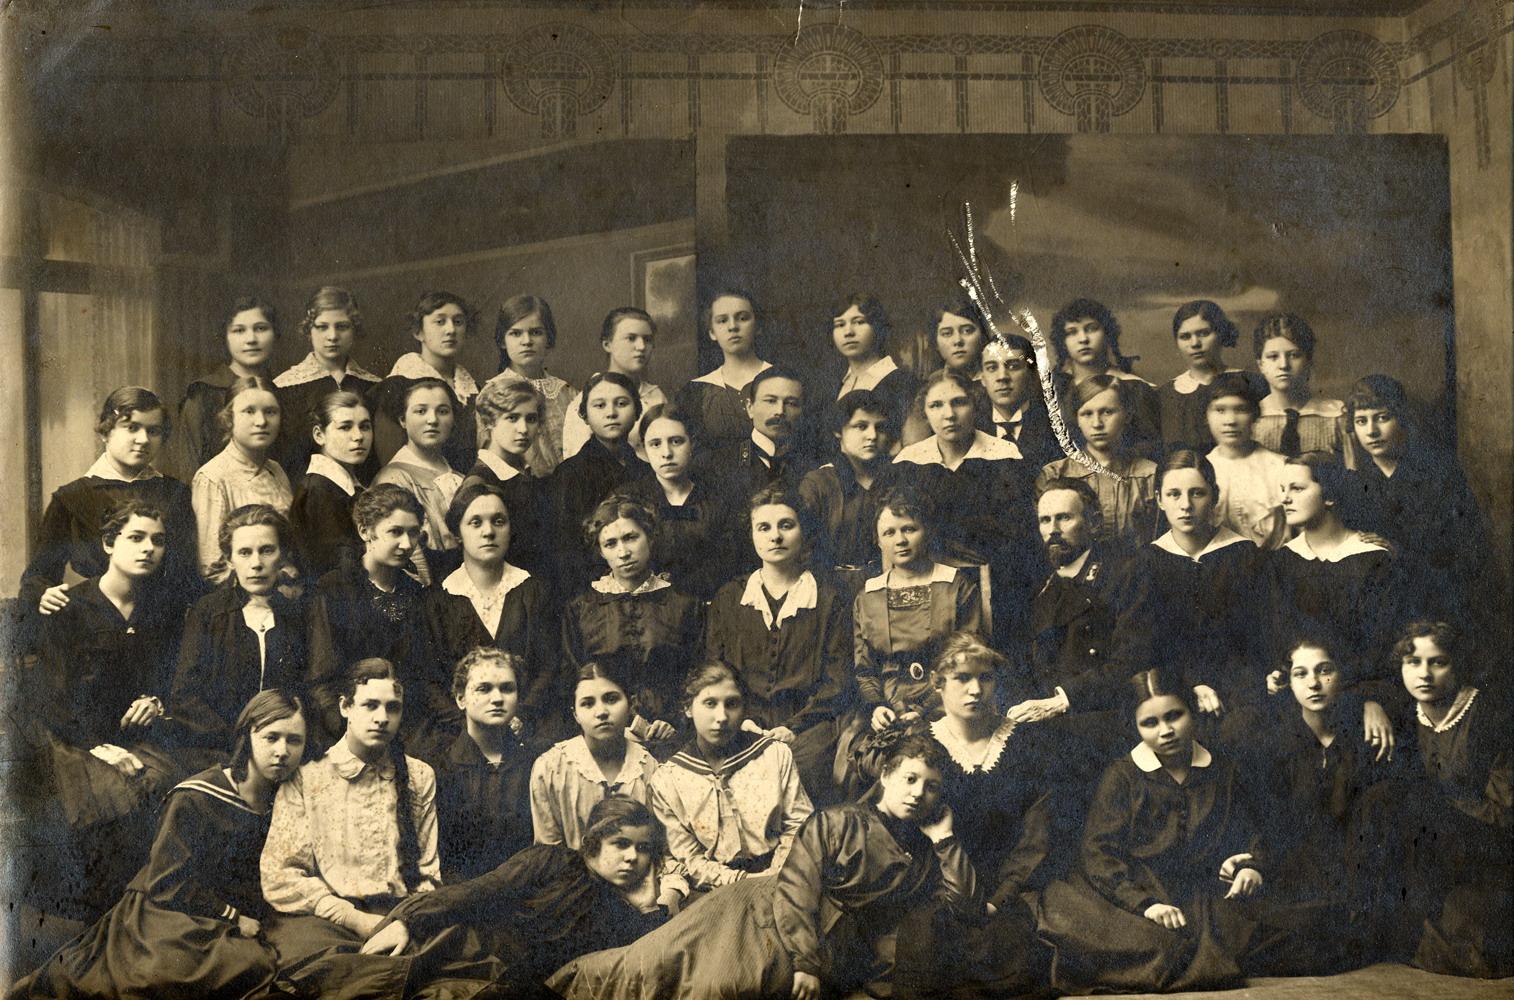 Анастасия Михайловна Яковлева в группе учениц и преподавателей Муромской женской гимназии. 1910-е